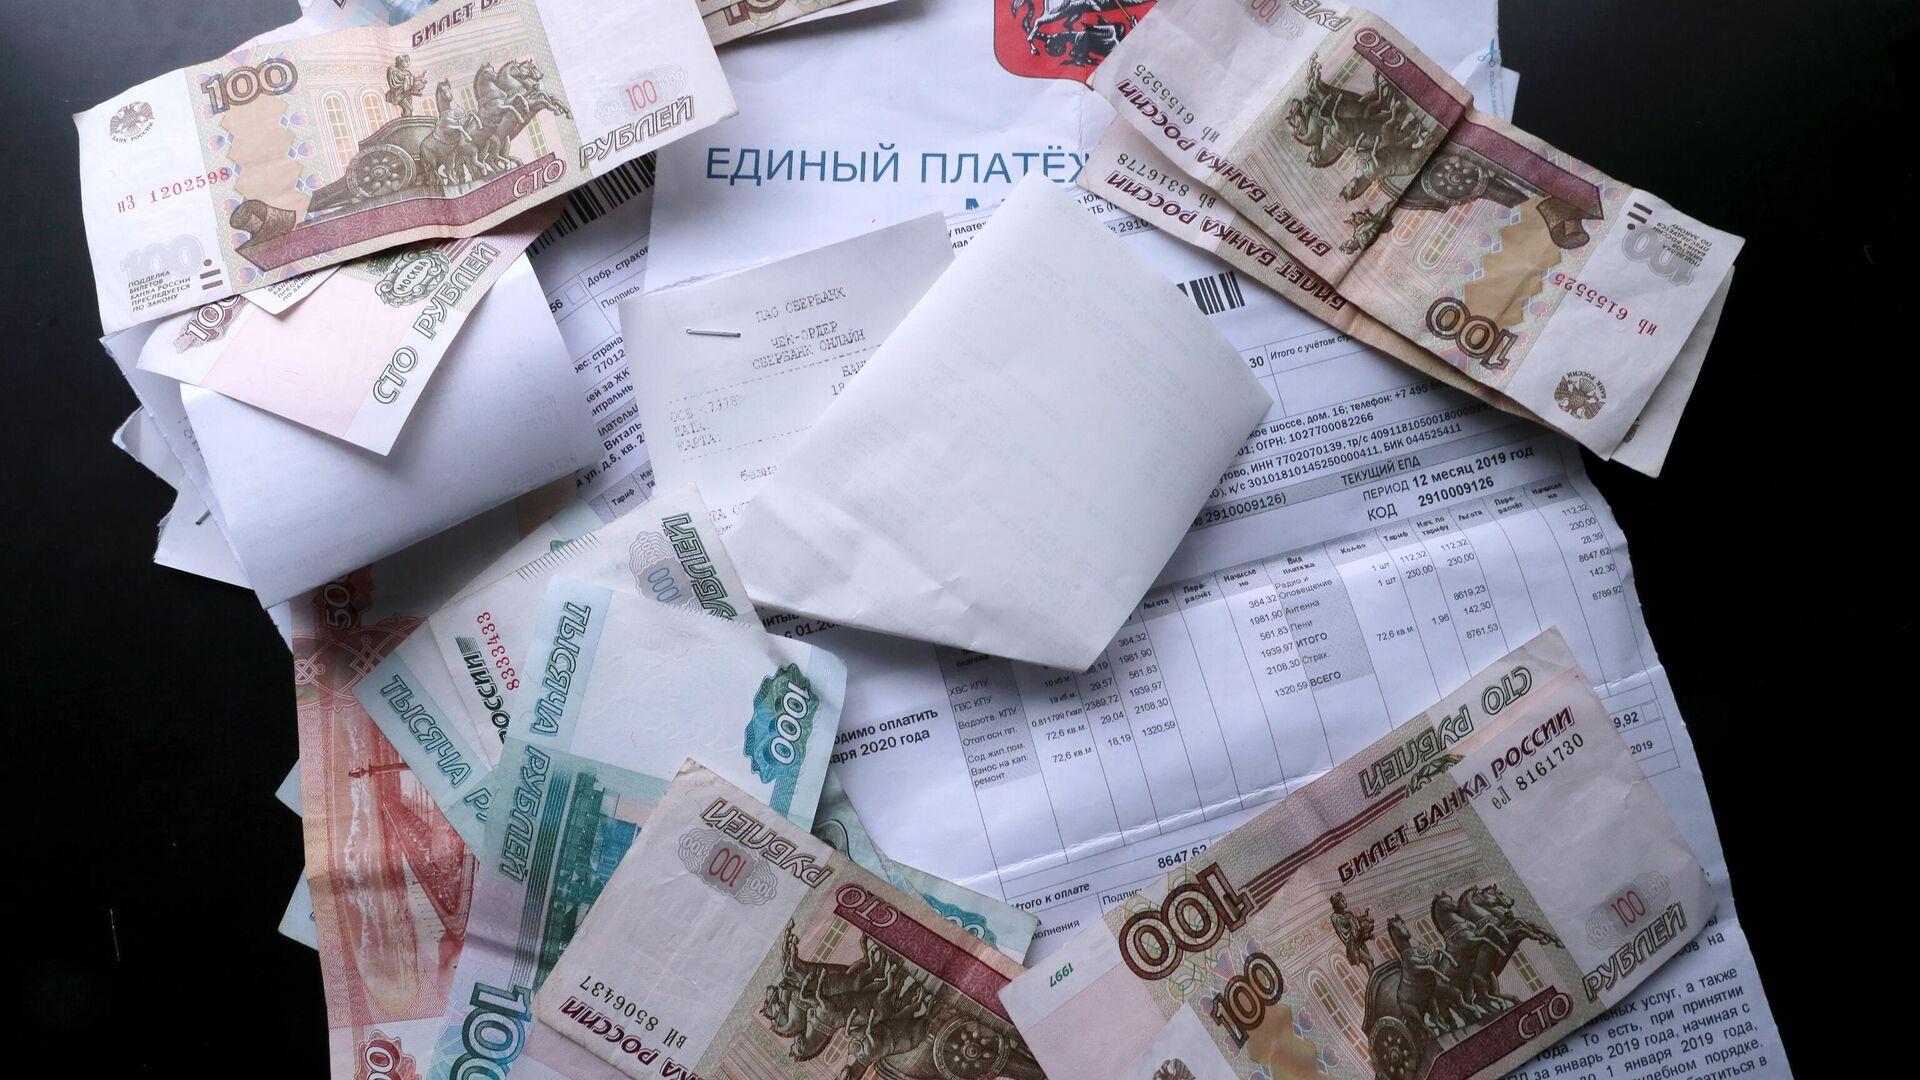 Денежные купюры и квитанции за оплату коммунальных услуг - РИА Новости, 1920, 28.09.2021